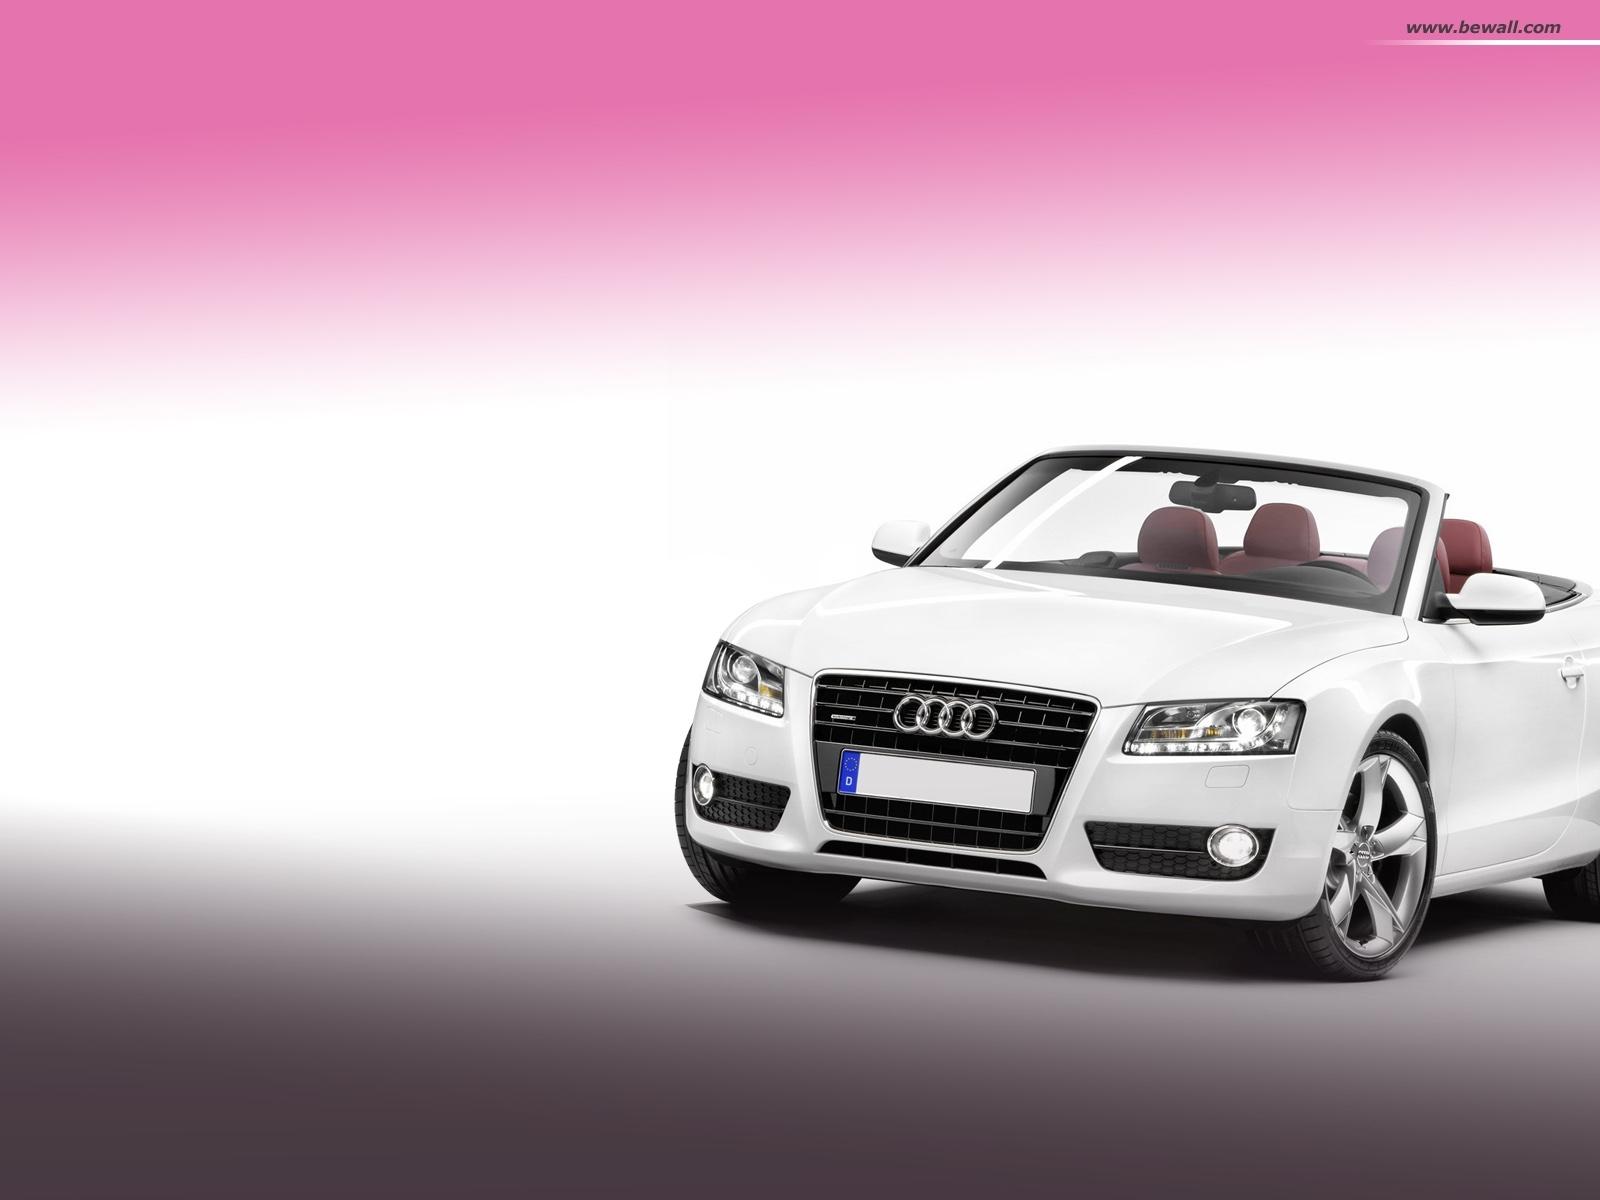 5219 скачать обои Транспорт, Машины, Ауди (Audi) - заставки и картинки бесплатно